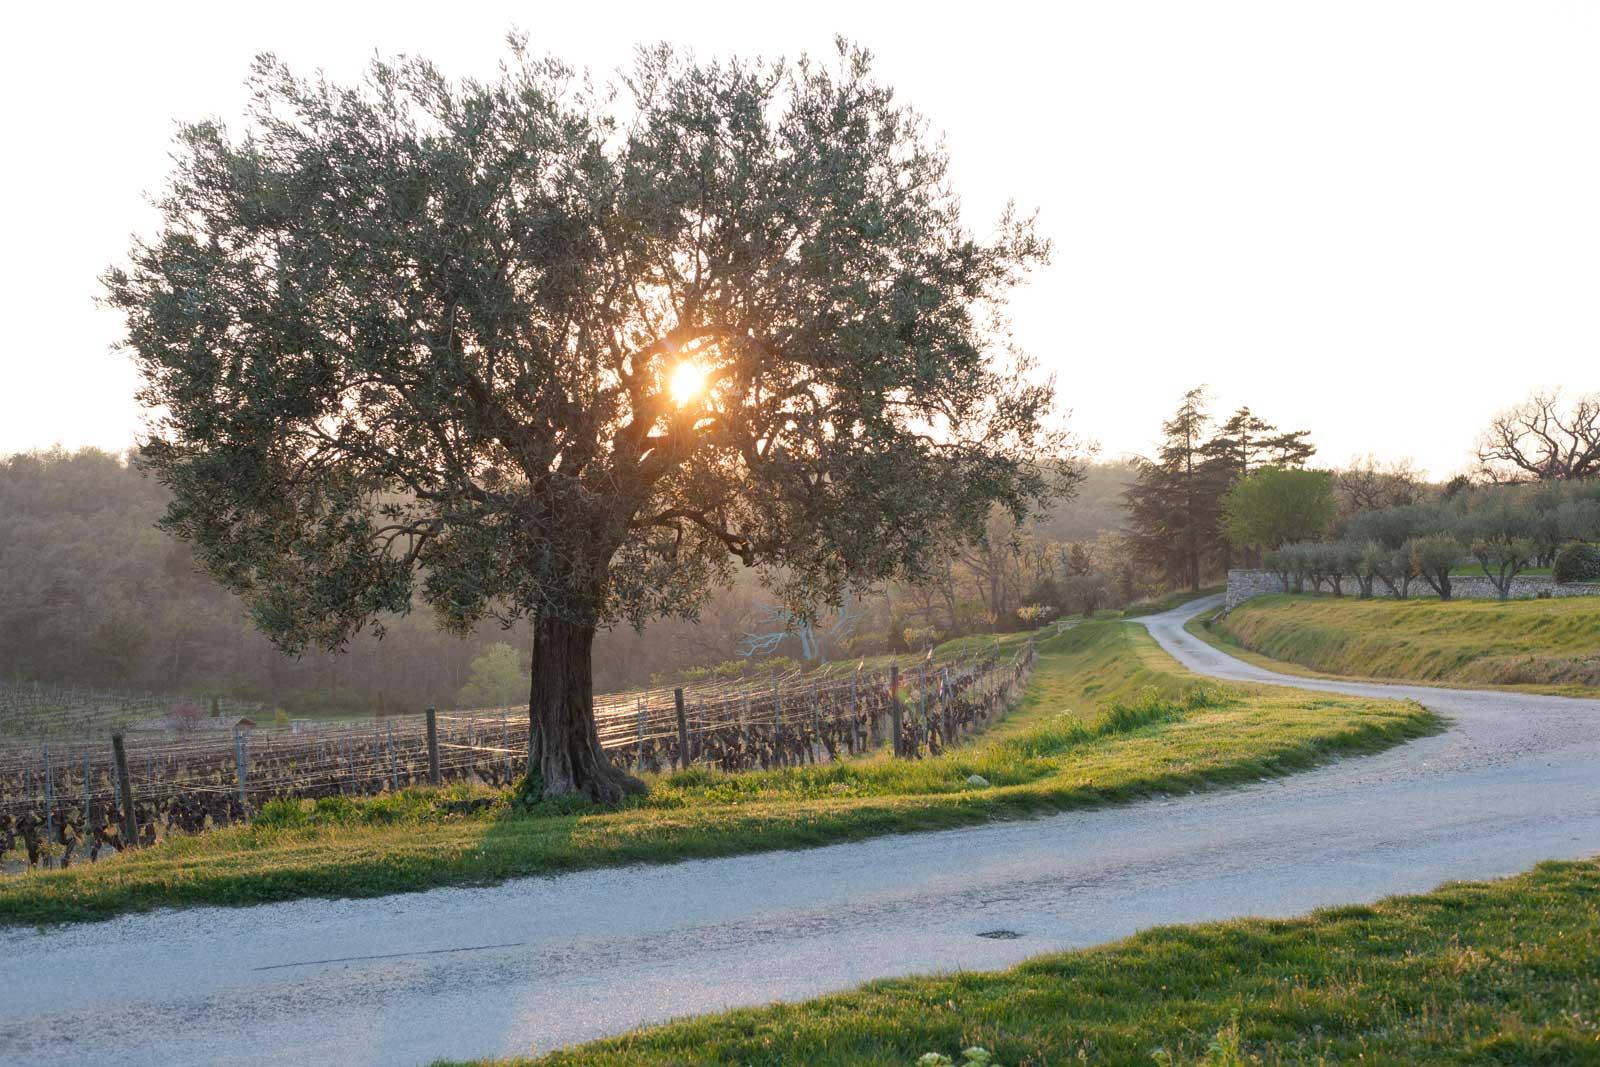 Chêne Bleu vineyard at sunset, Gigondas, Dentelles de Montmirail, France. ©Kevin Day/Opening a Bottle